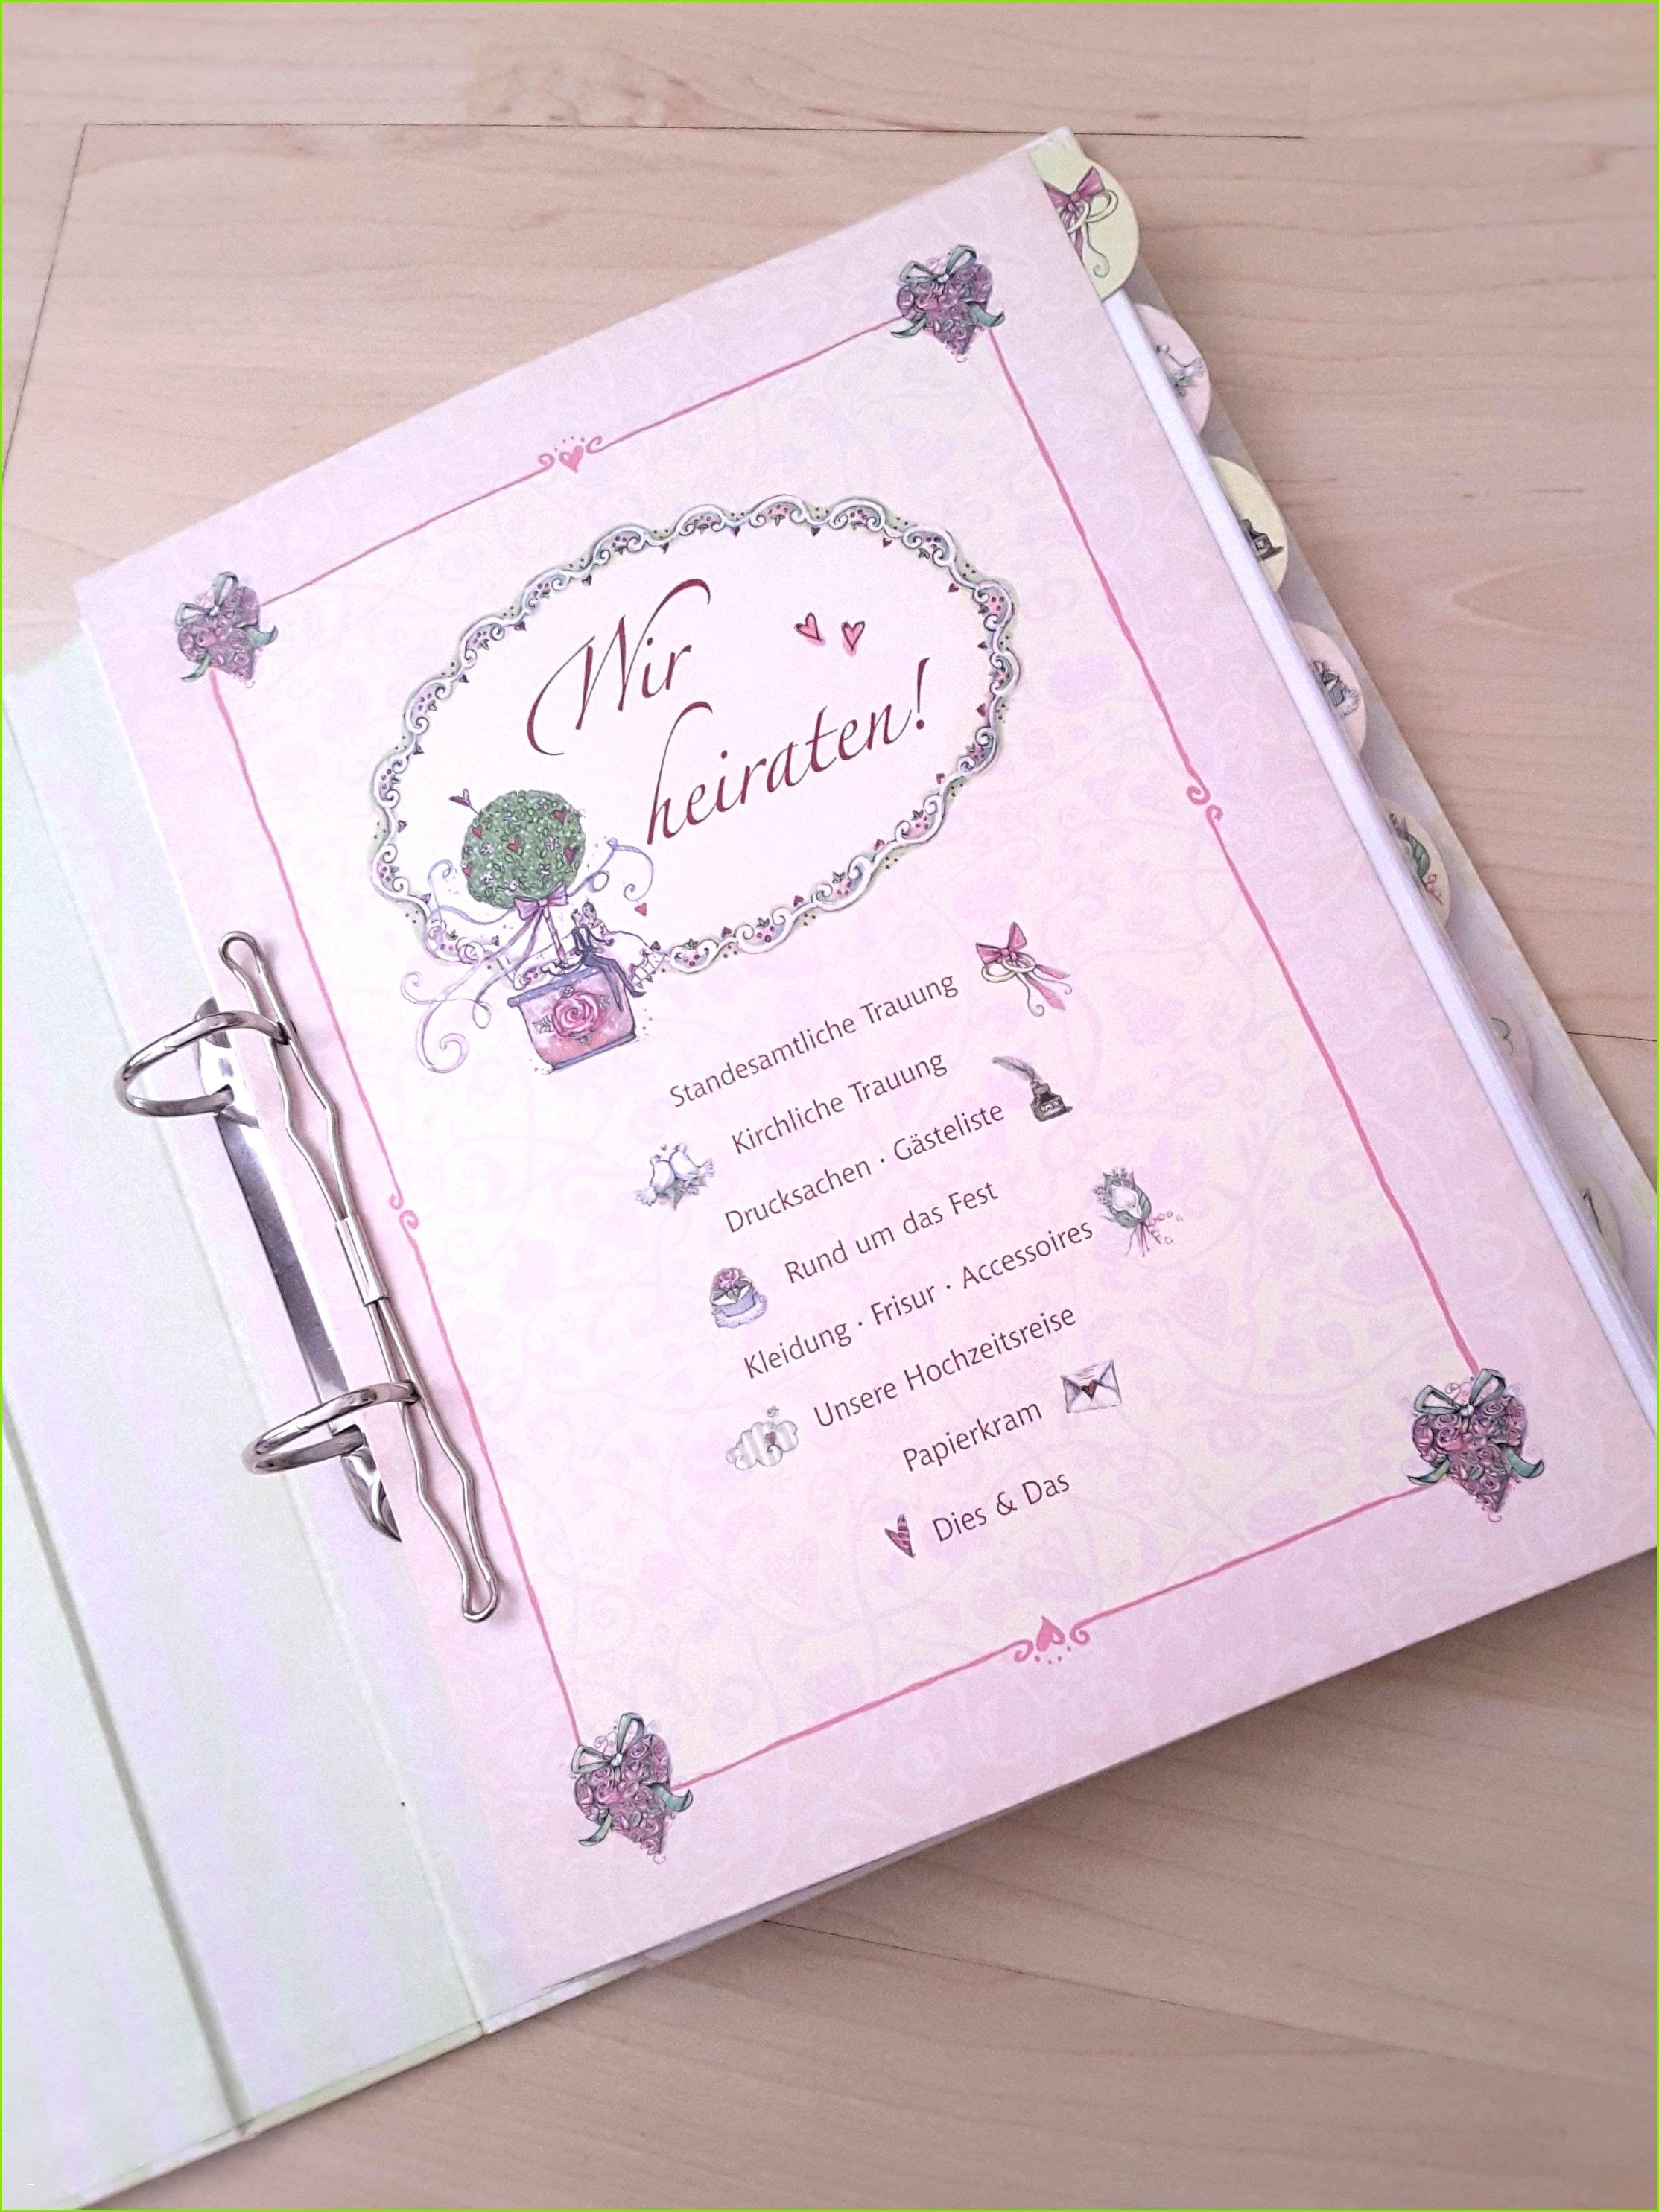 Einladung Als Postkarte Einzigartig Postkarte Einladung Beispiel Media Image 0d 59 82 Hochzeitsordner